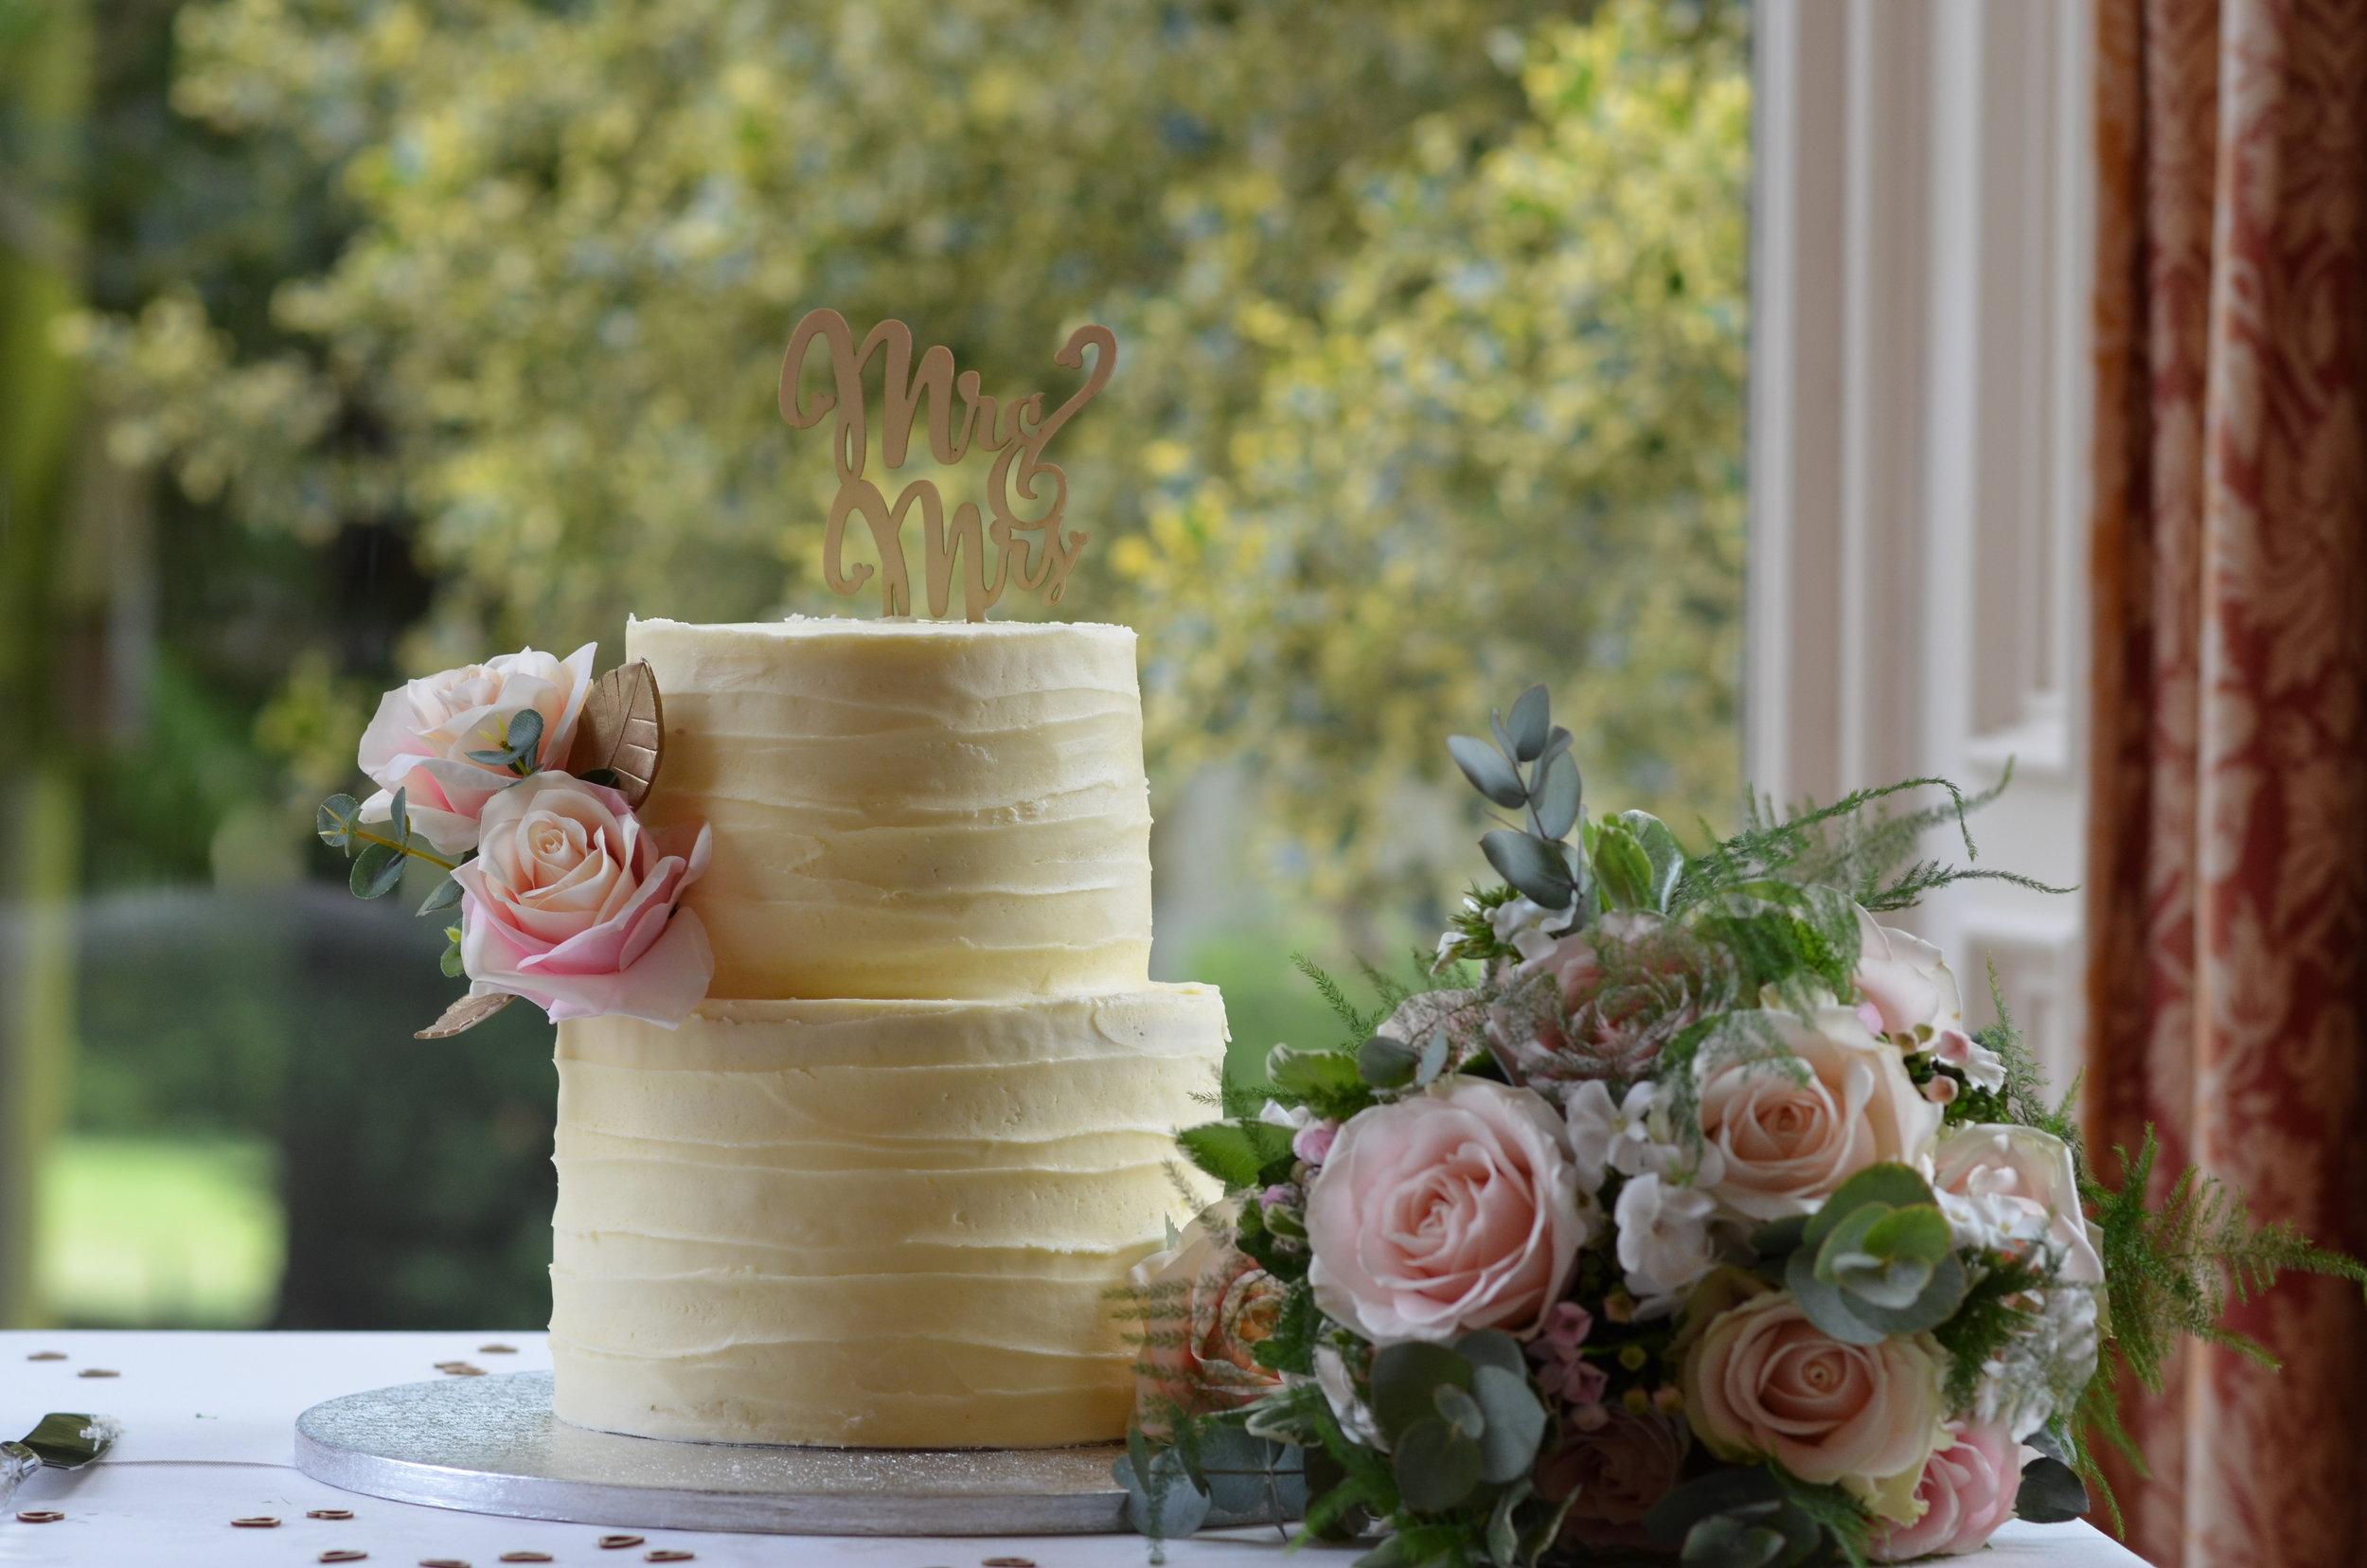 Heavenly Cakes by Mumma